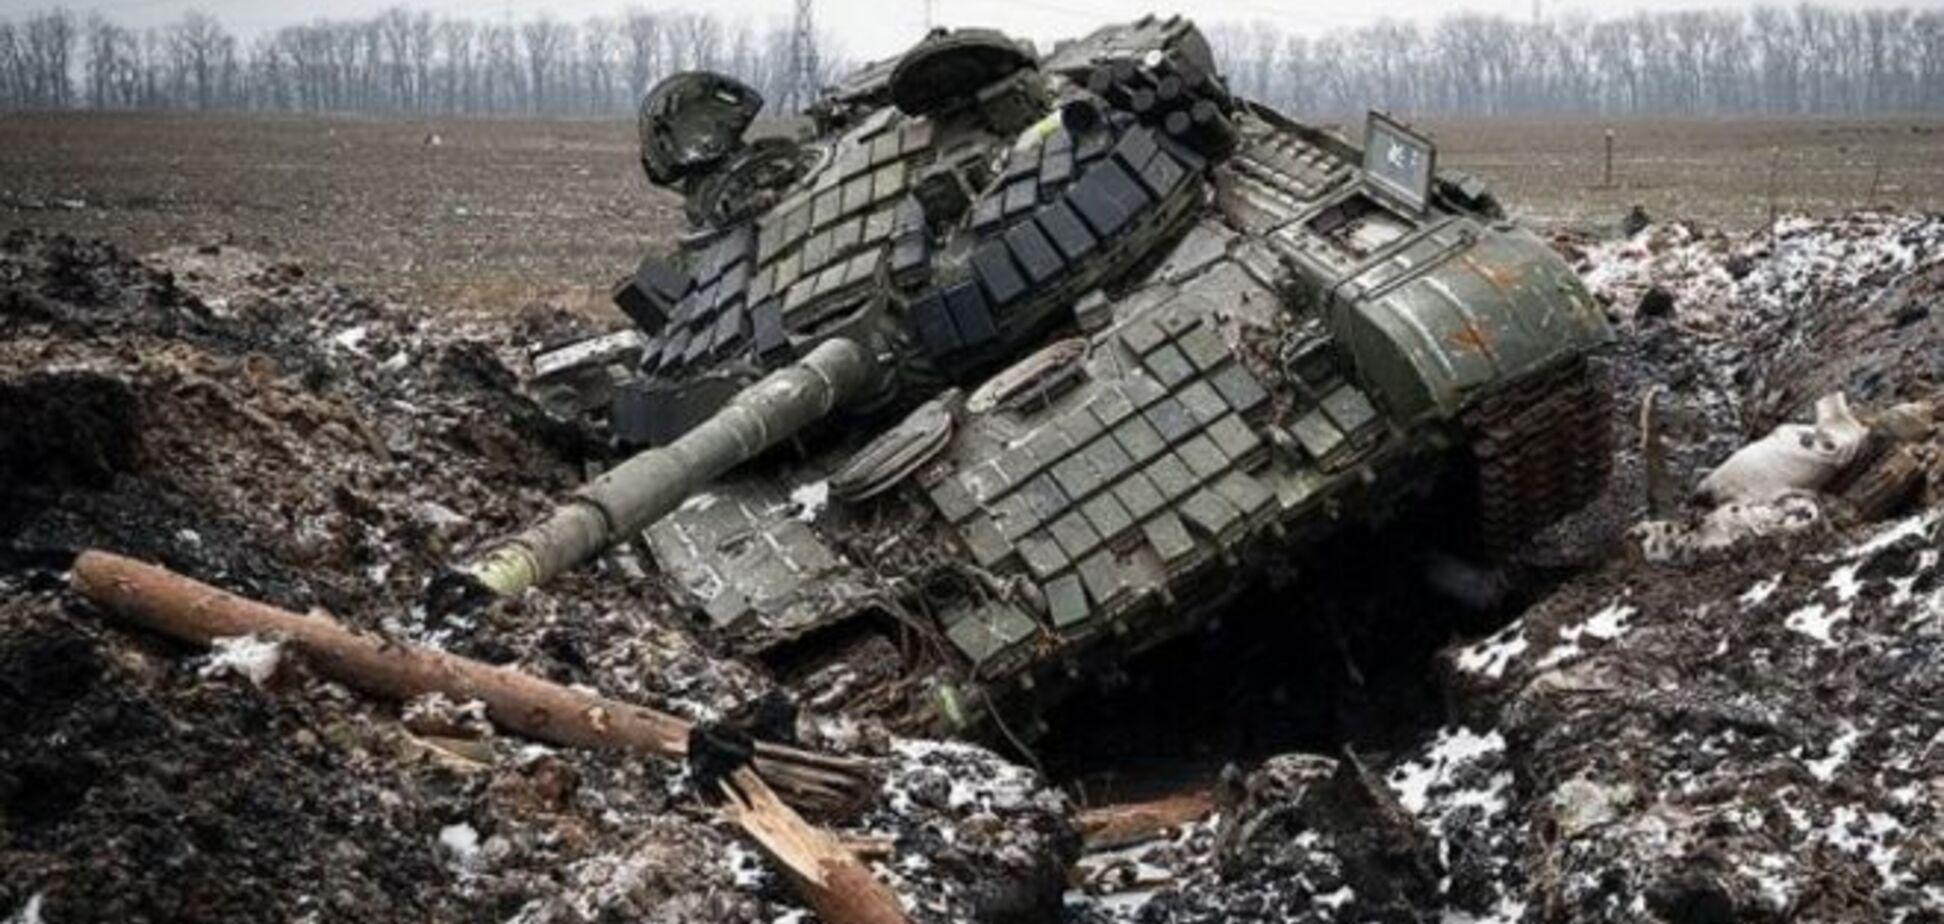 Нет тела, нет дела. Россия забирает только 'избранных' погибших - Степова